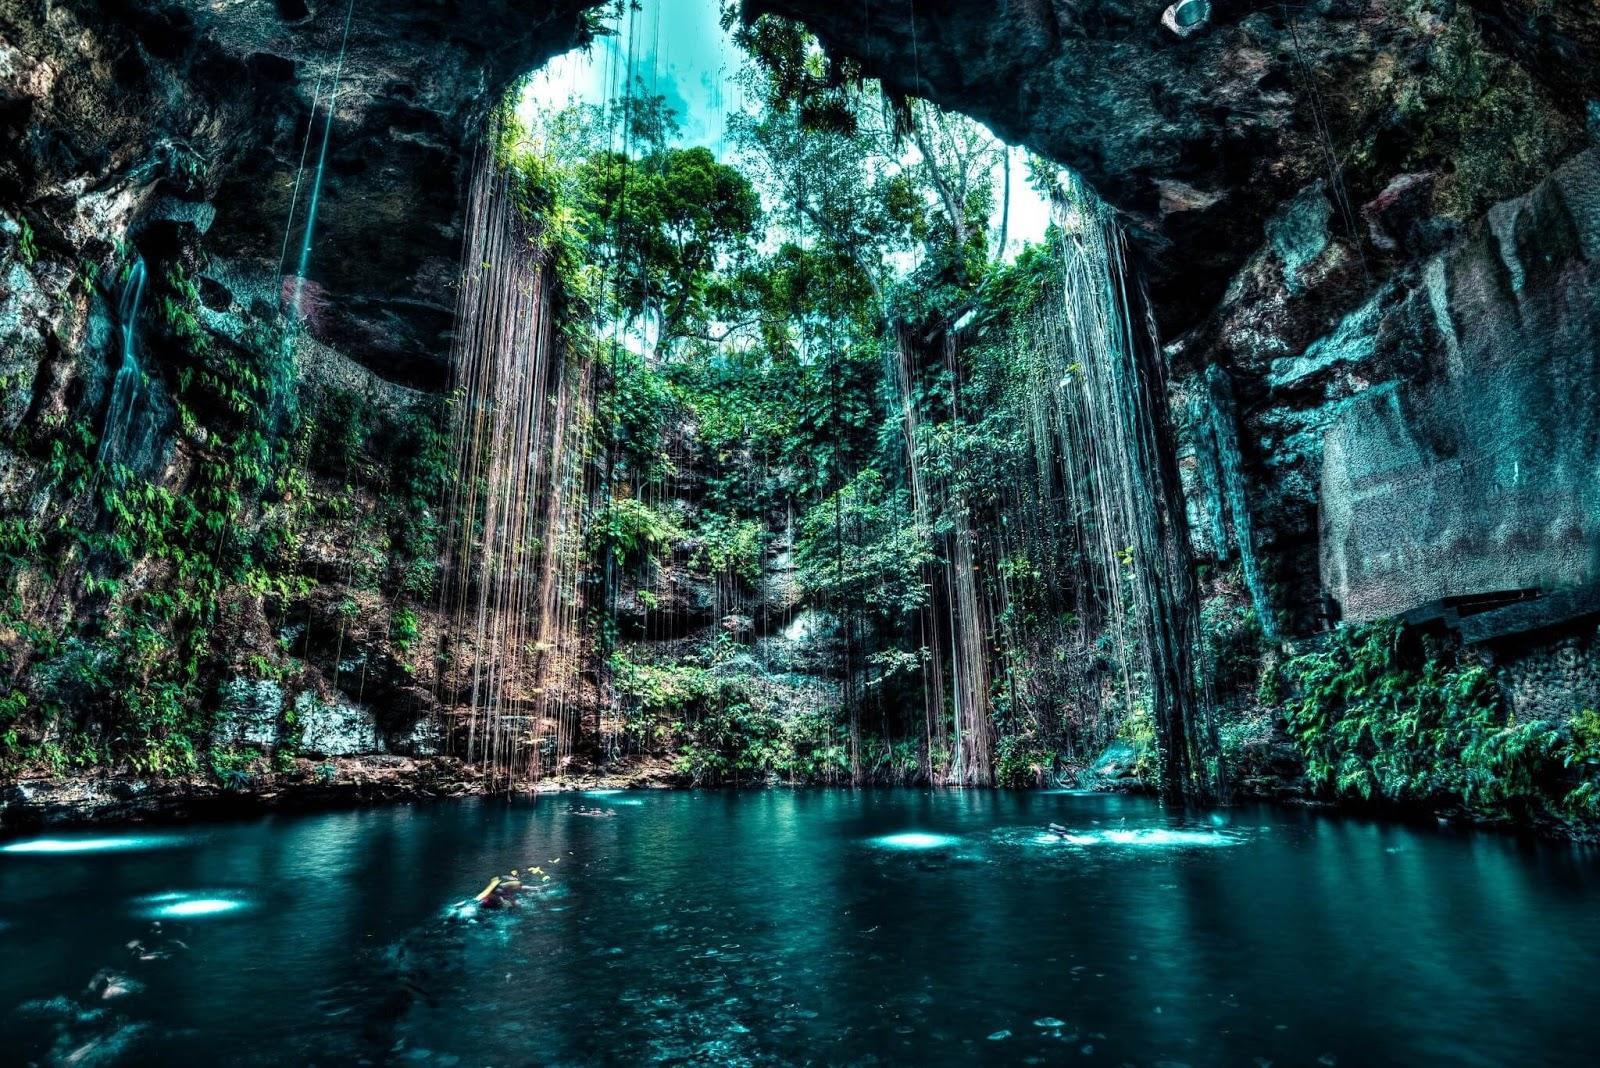 Live Waterfall Wallpaper Download In Ultra HD 4K ...